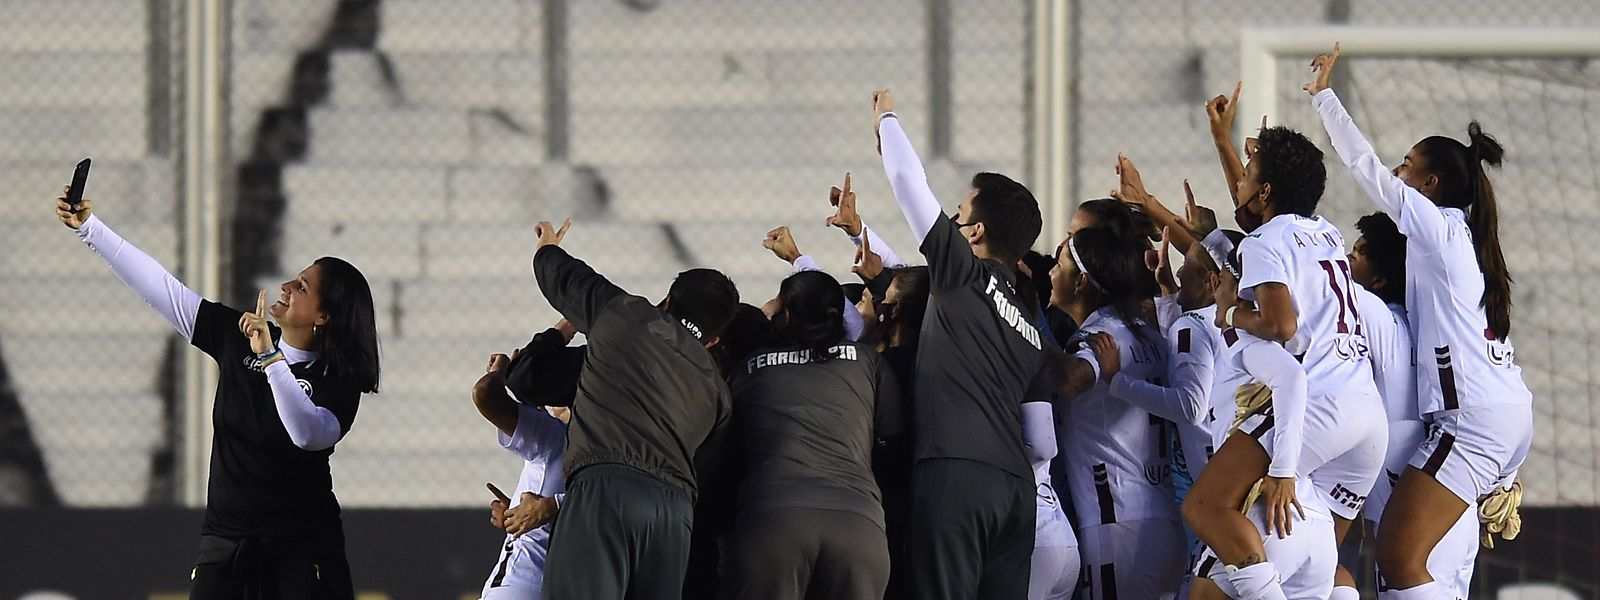 Lindsay Camila (l.) schießt ein Selfie mit ihrer Mannschaft nach dem großen Triumph.